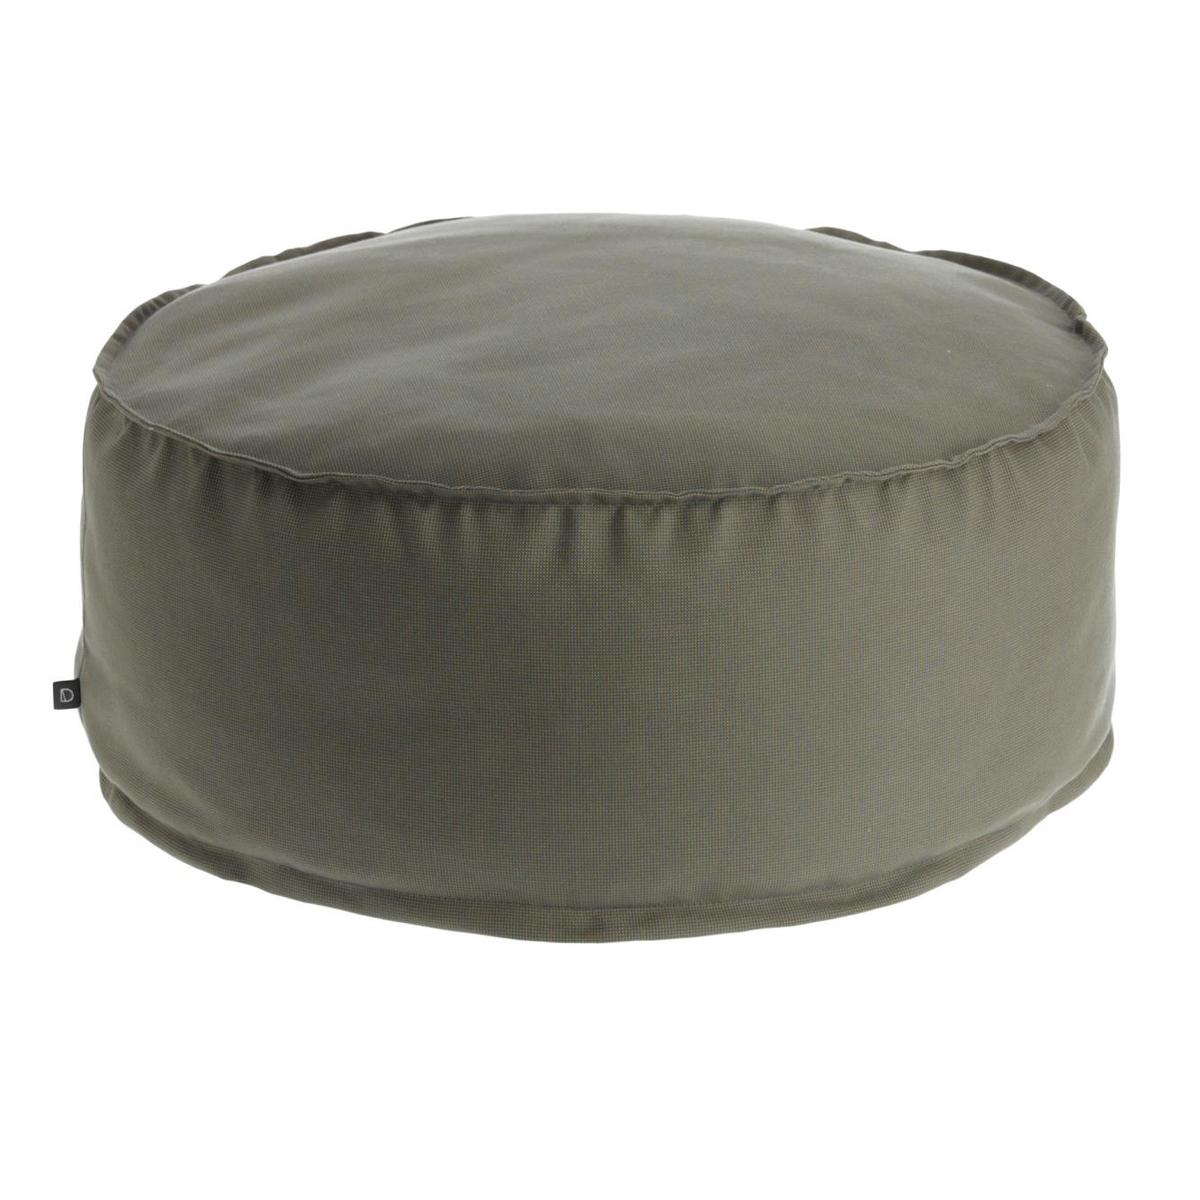 Pouf rond et uni - Gris - Ø 70 cm x H 40 cm